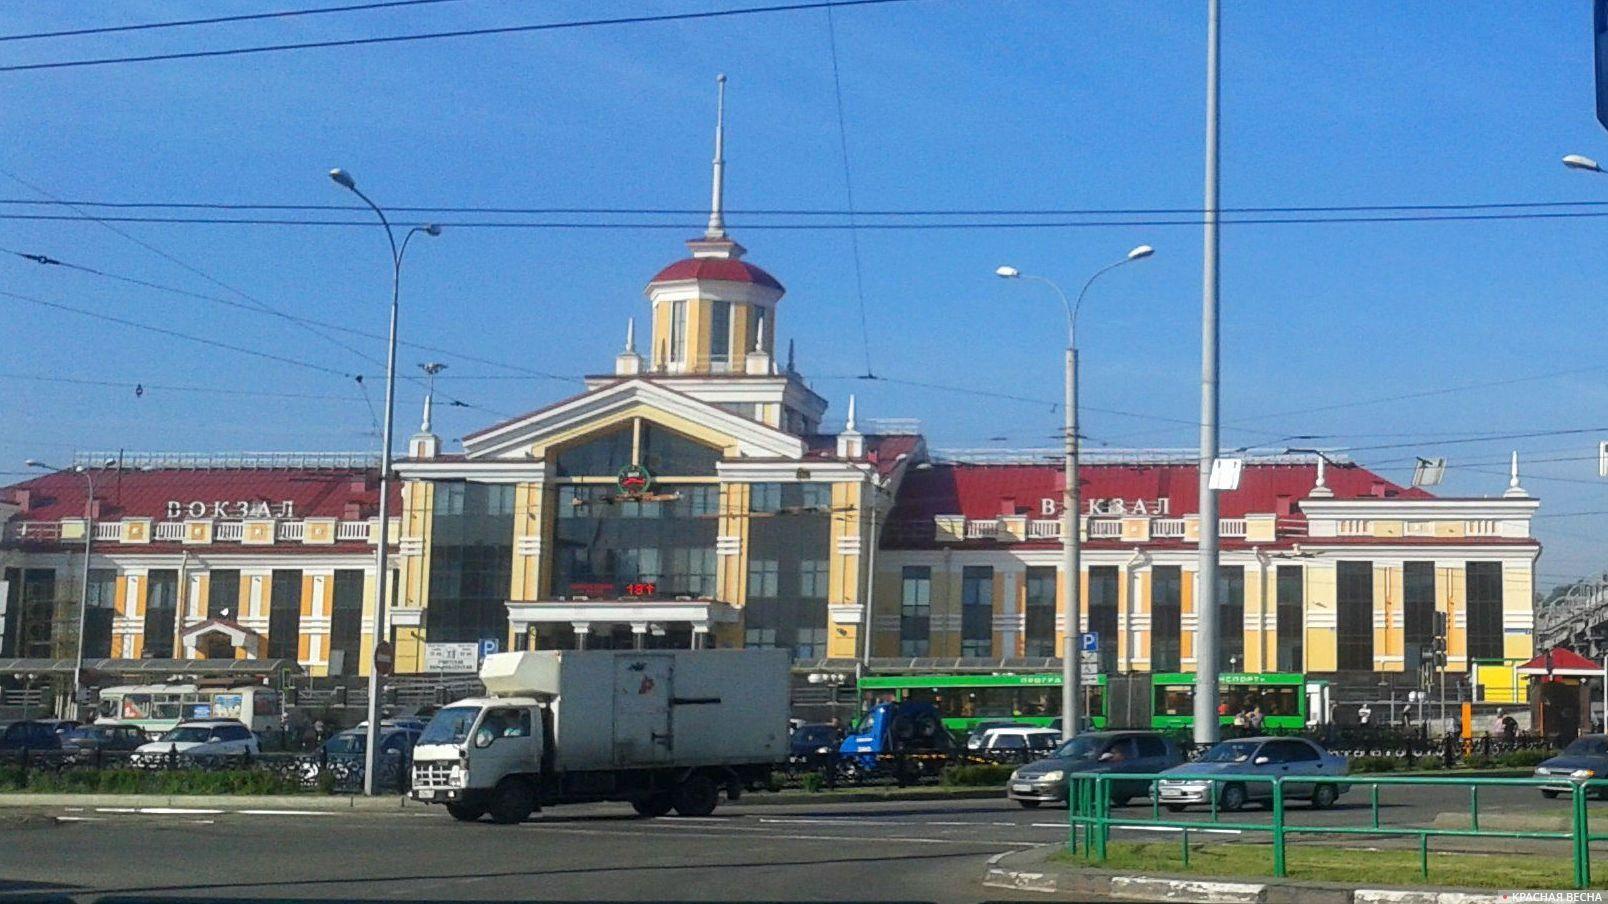 Железнодорожный вокзал г. Новокузнецк